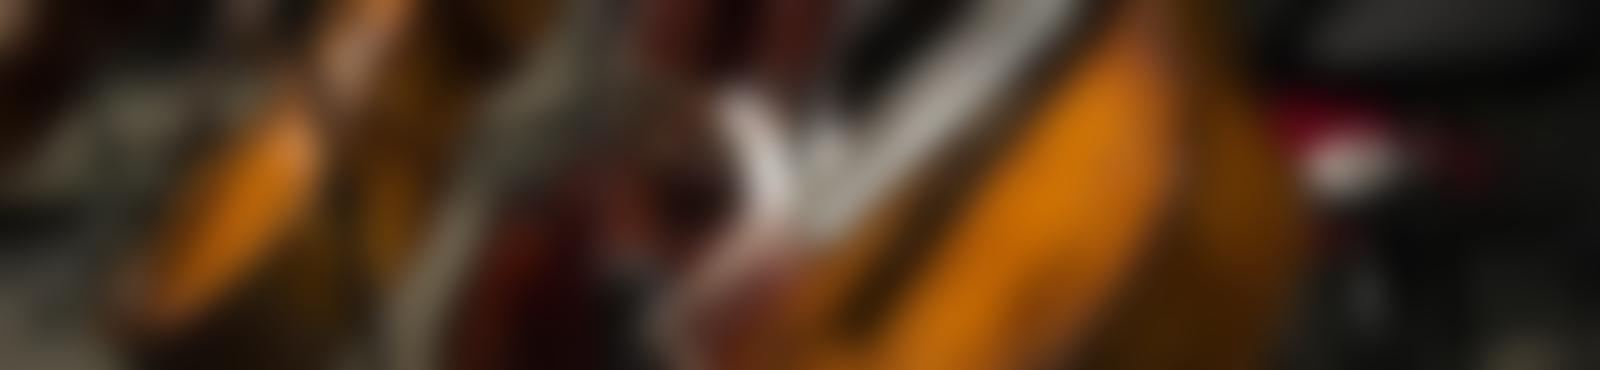 Blurred 0dee8b5c 4334 49be 9981 351db18d1066